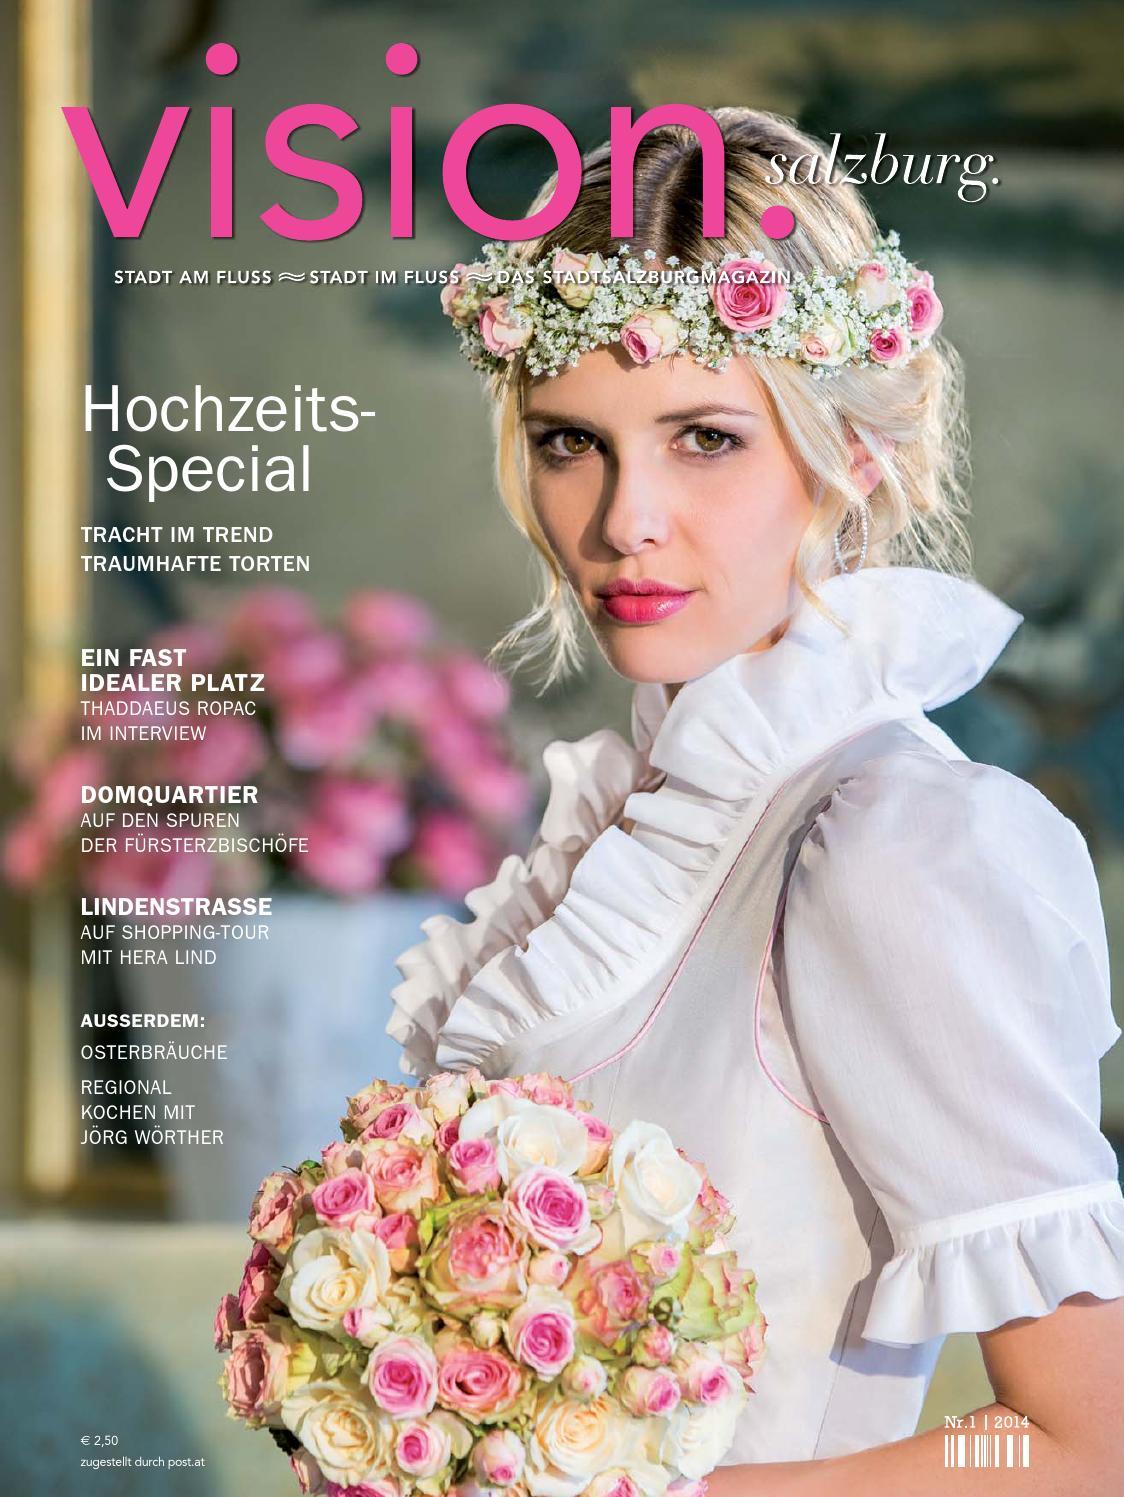 1b4443c4c6c3 Vision Salzburg, 4. Ausgabe by nikoshimedia   Die Kommunikationsdesigner -  issuu